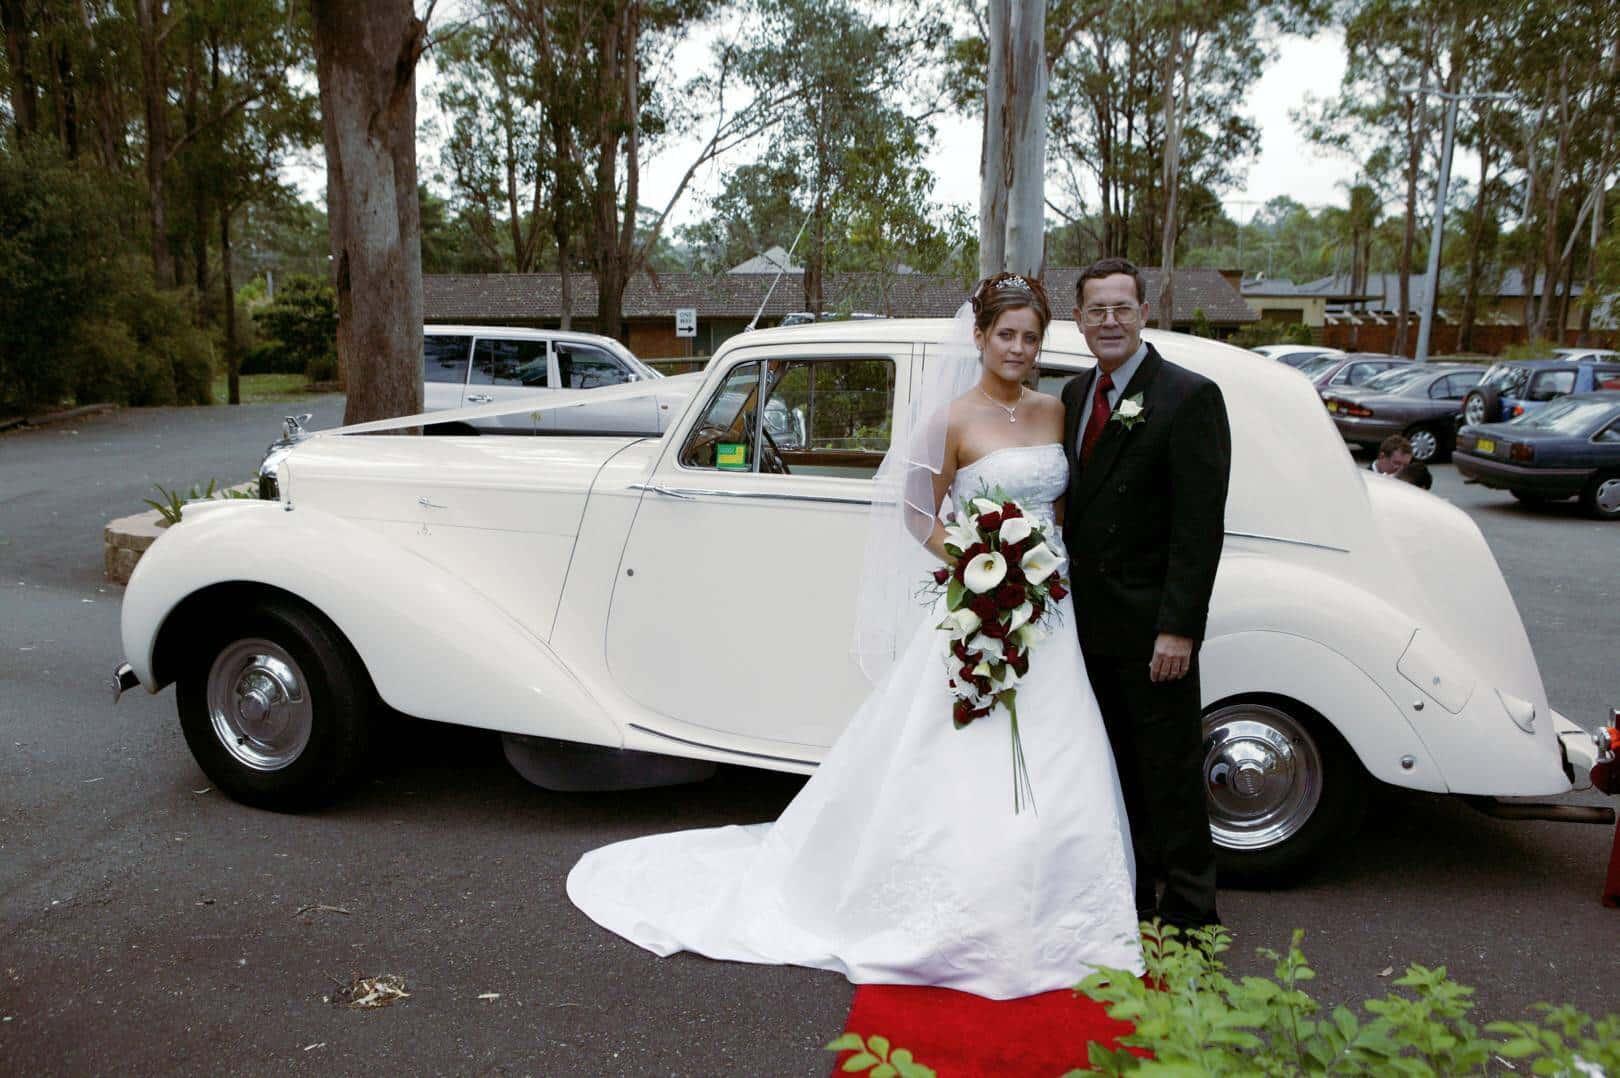 磊oz Limo Hire Sydney School Formal Cars Sydney Wedding